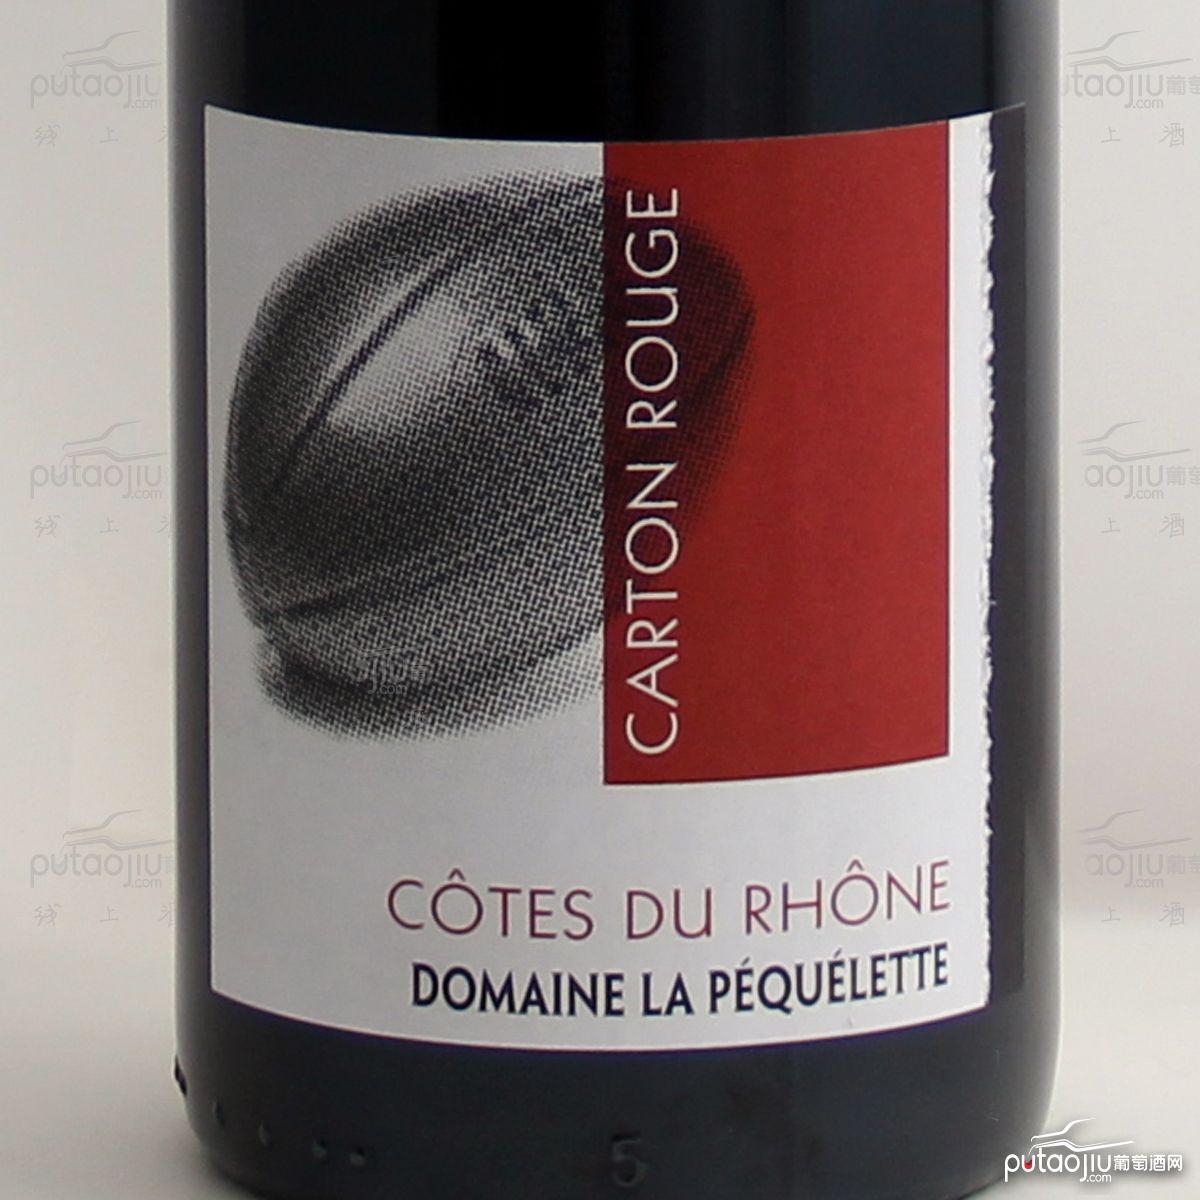 法国罗讷河谷村庄级赤霞珠梅洛红牌(生物动力有机葡萄酒)AOP干红葡萄酒